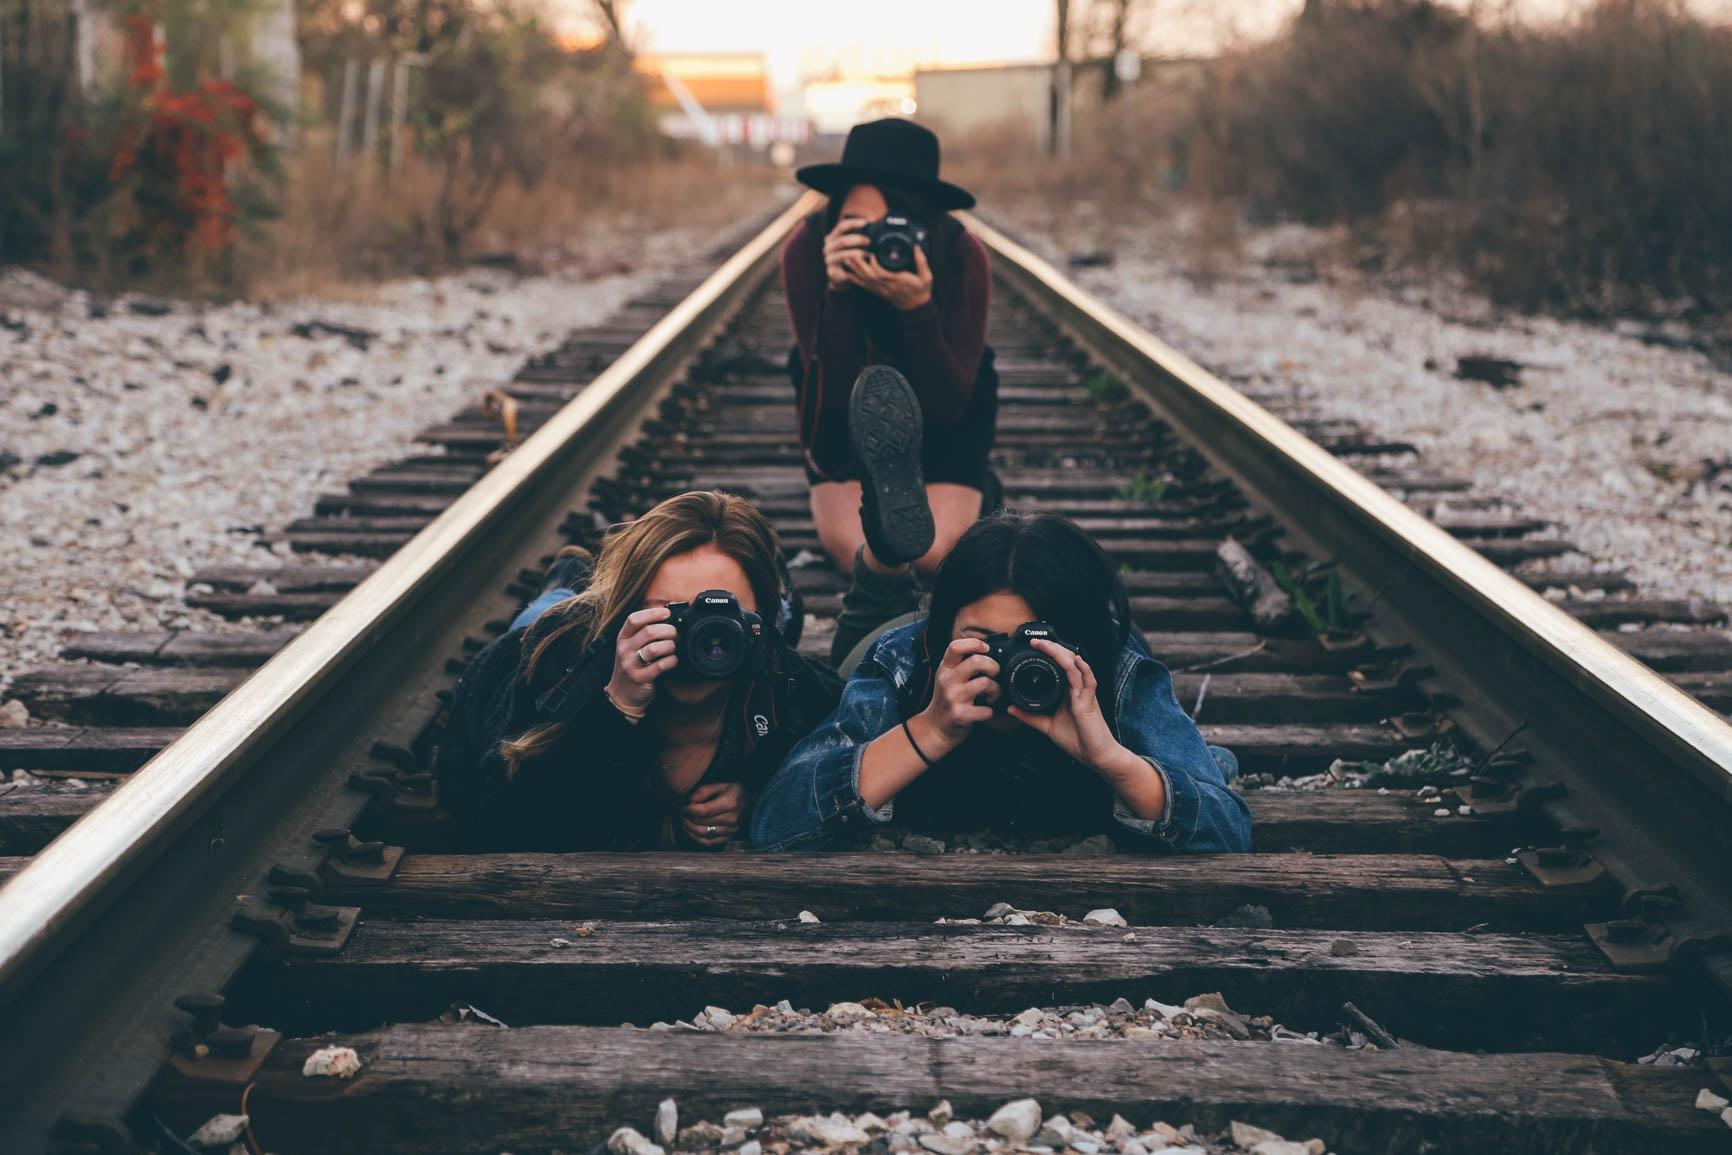 レールの上でカメラを構える3人の女性